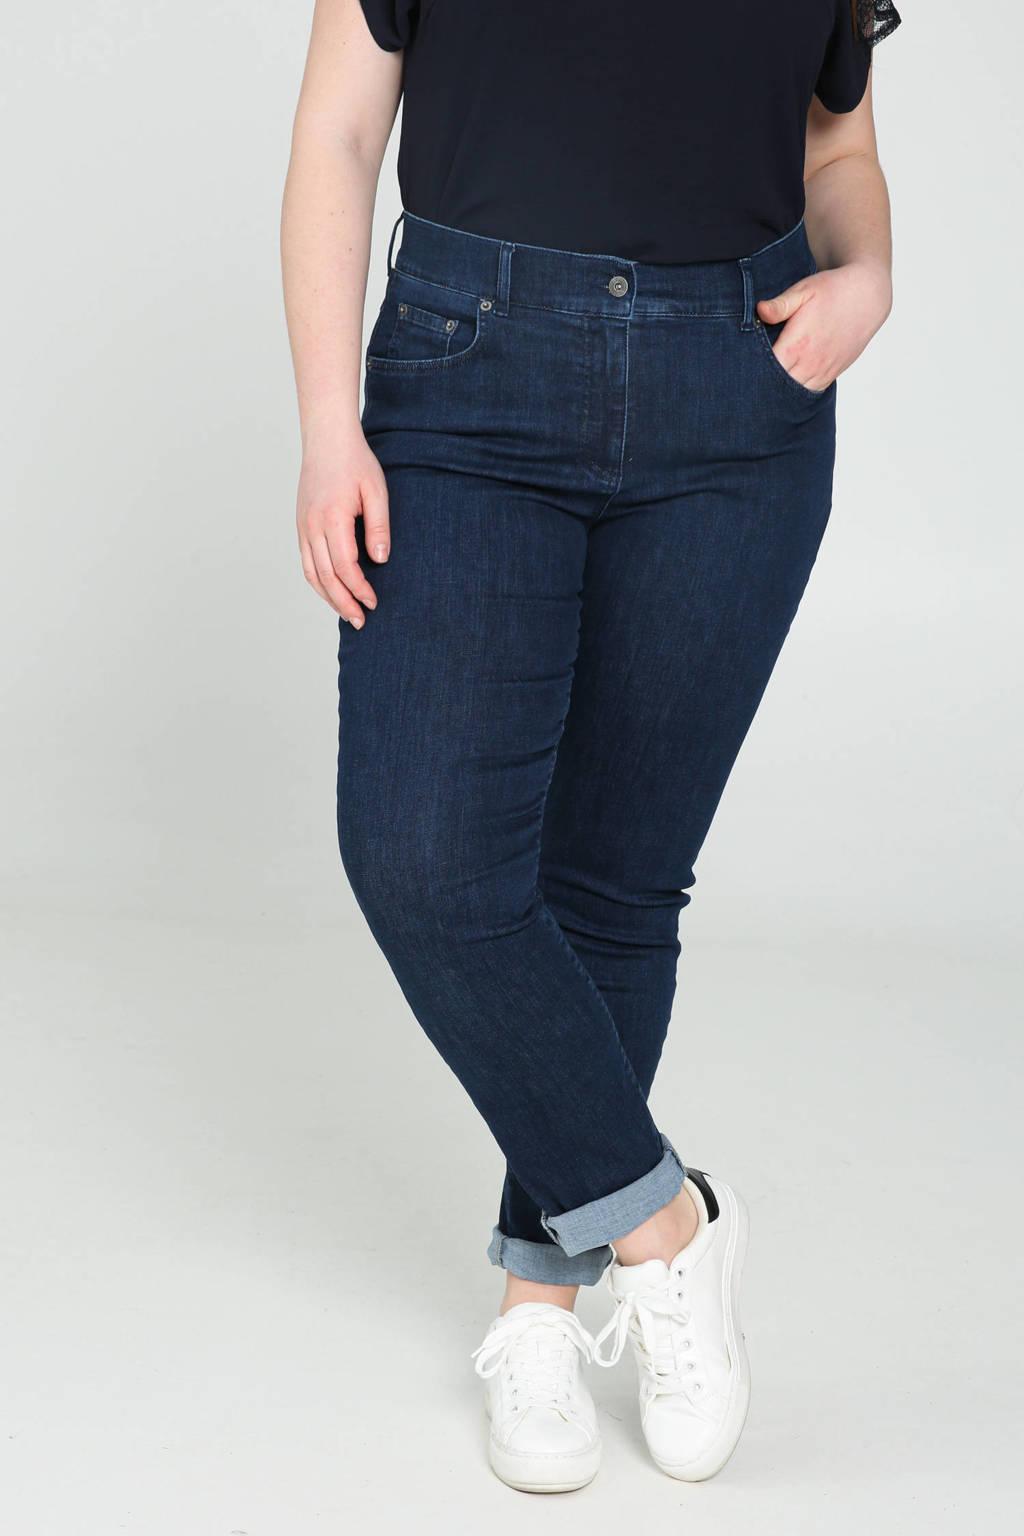 PROMISS high waist regular fit jeans dark denim, Dark denim